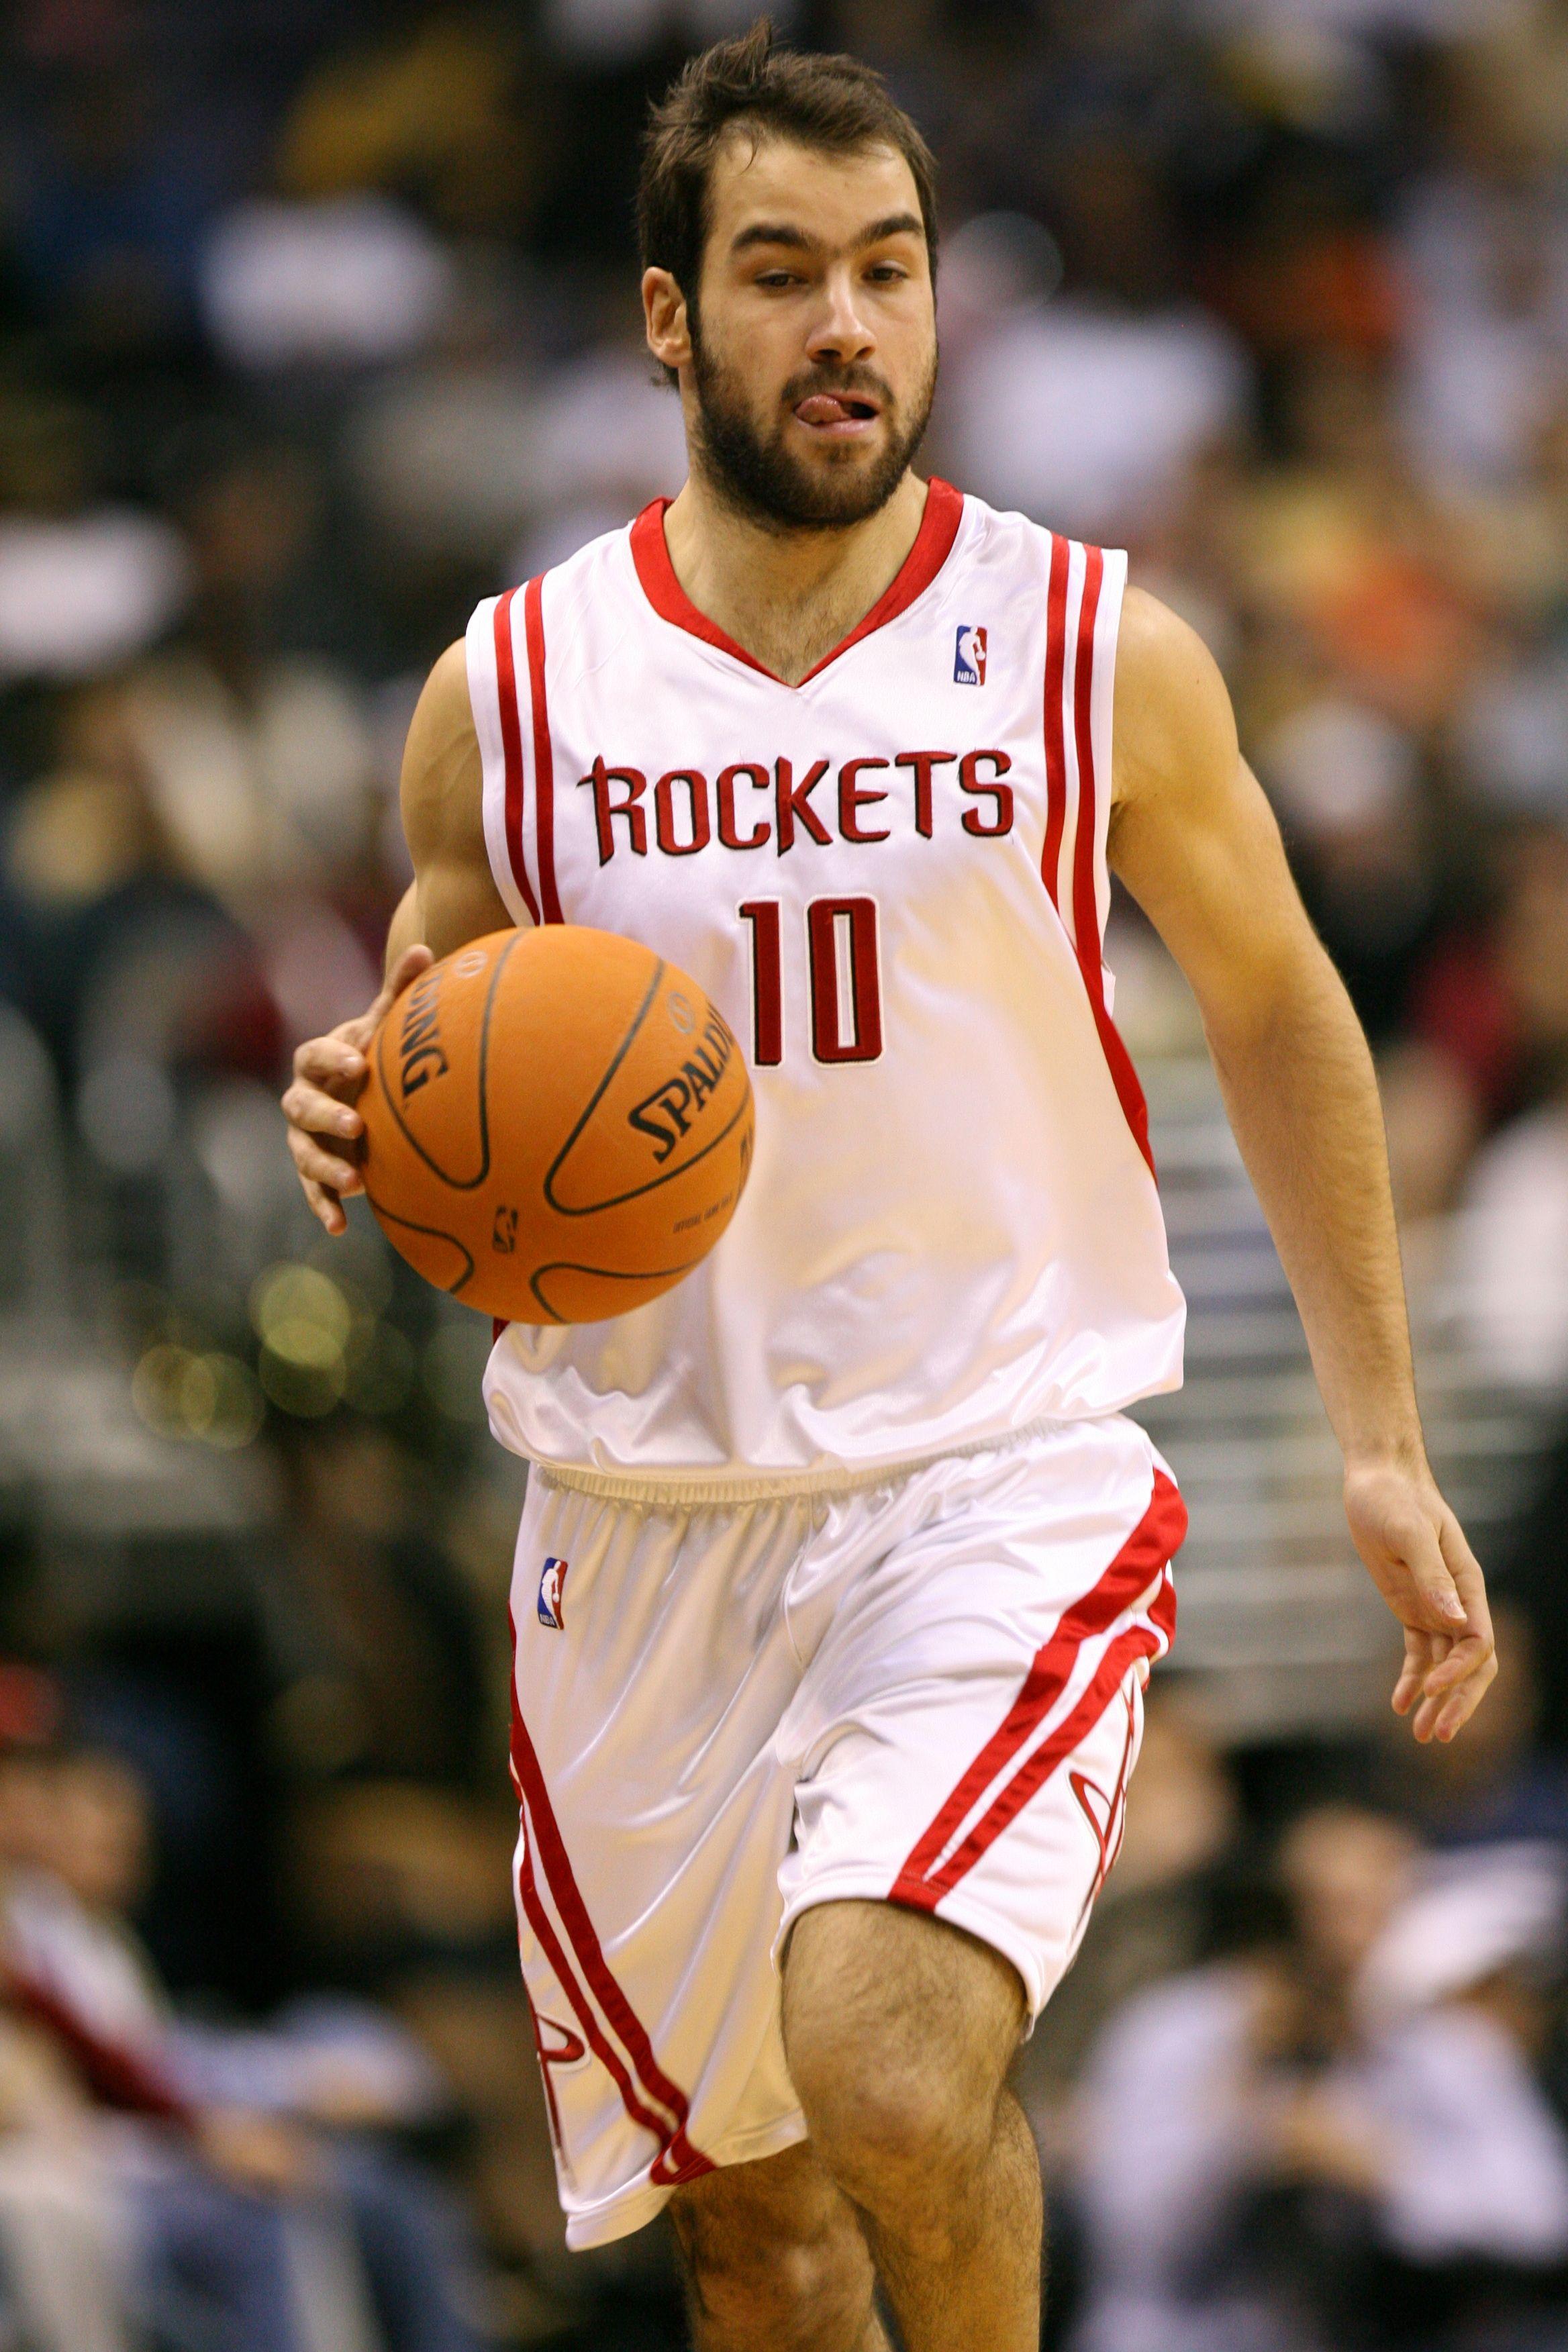 Advertencia fluido Rocío  Vassilis Spanoulis #Rockets #NBA